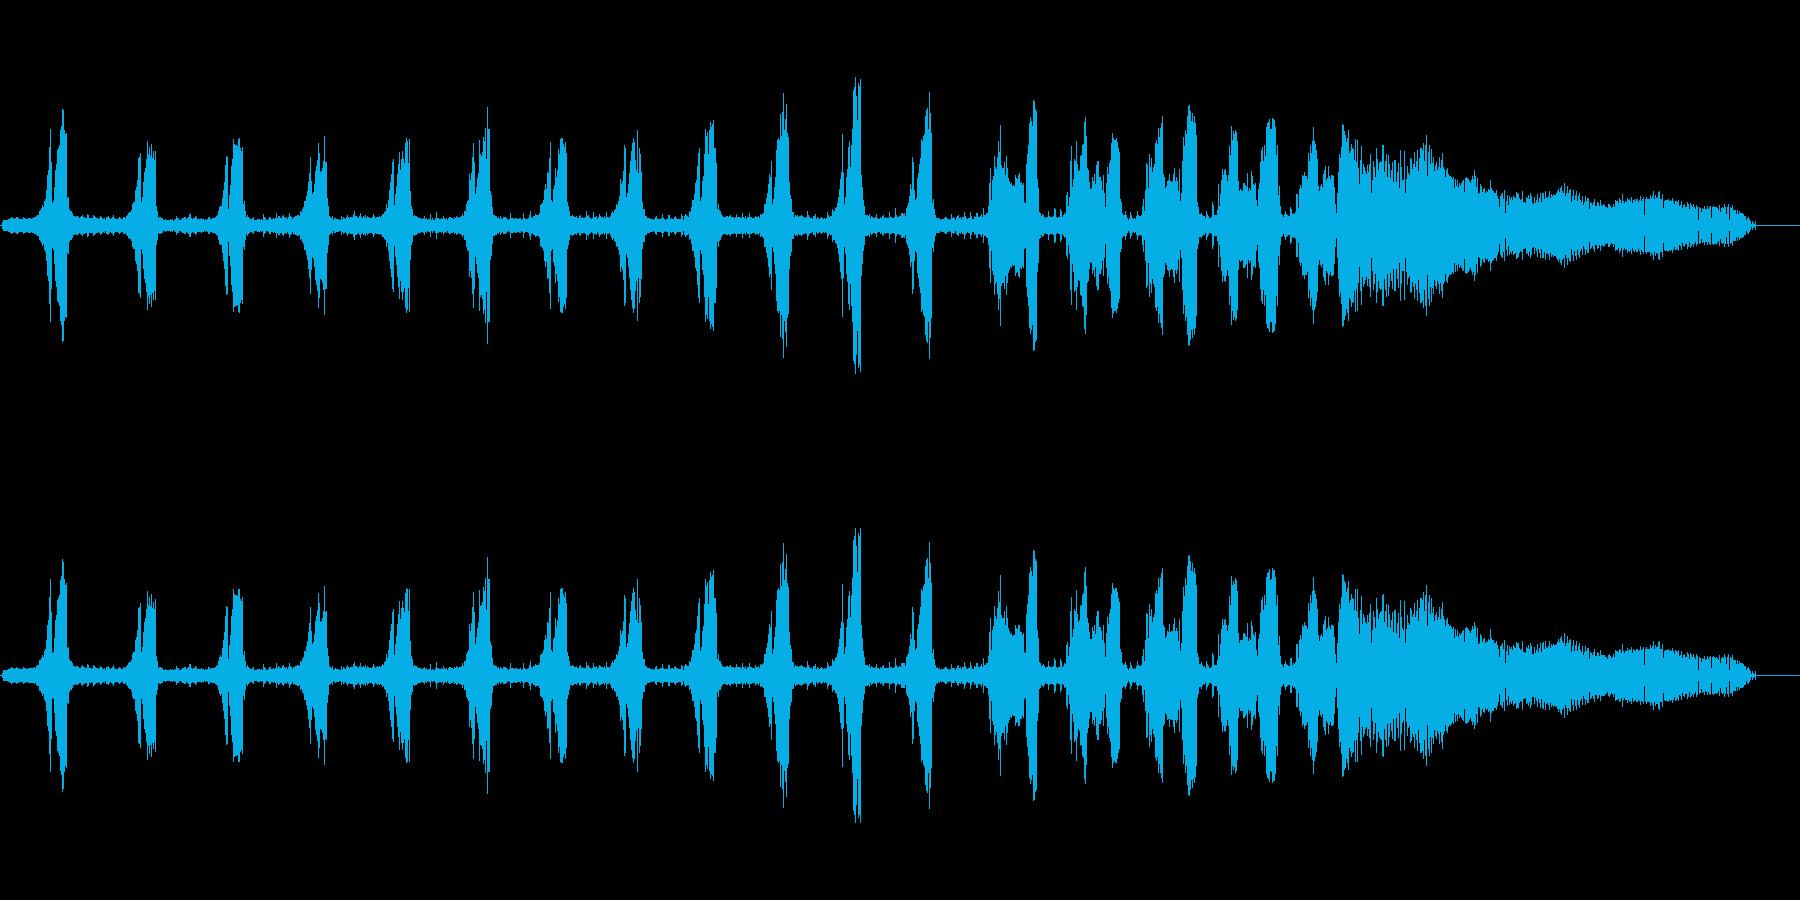 セミ(ツクツクボウシ)の鳴き声_その1の再生済みの波形